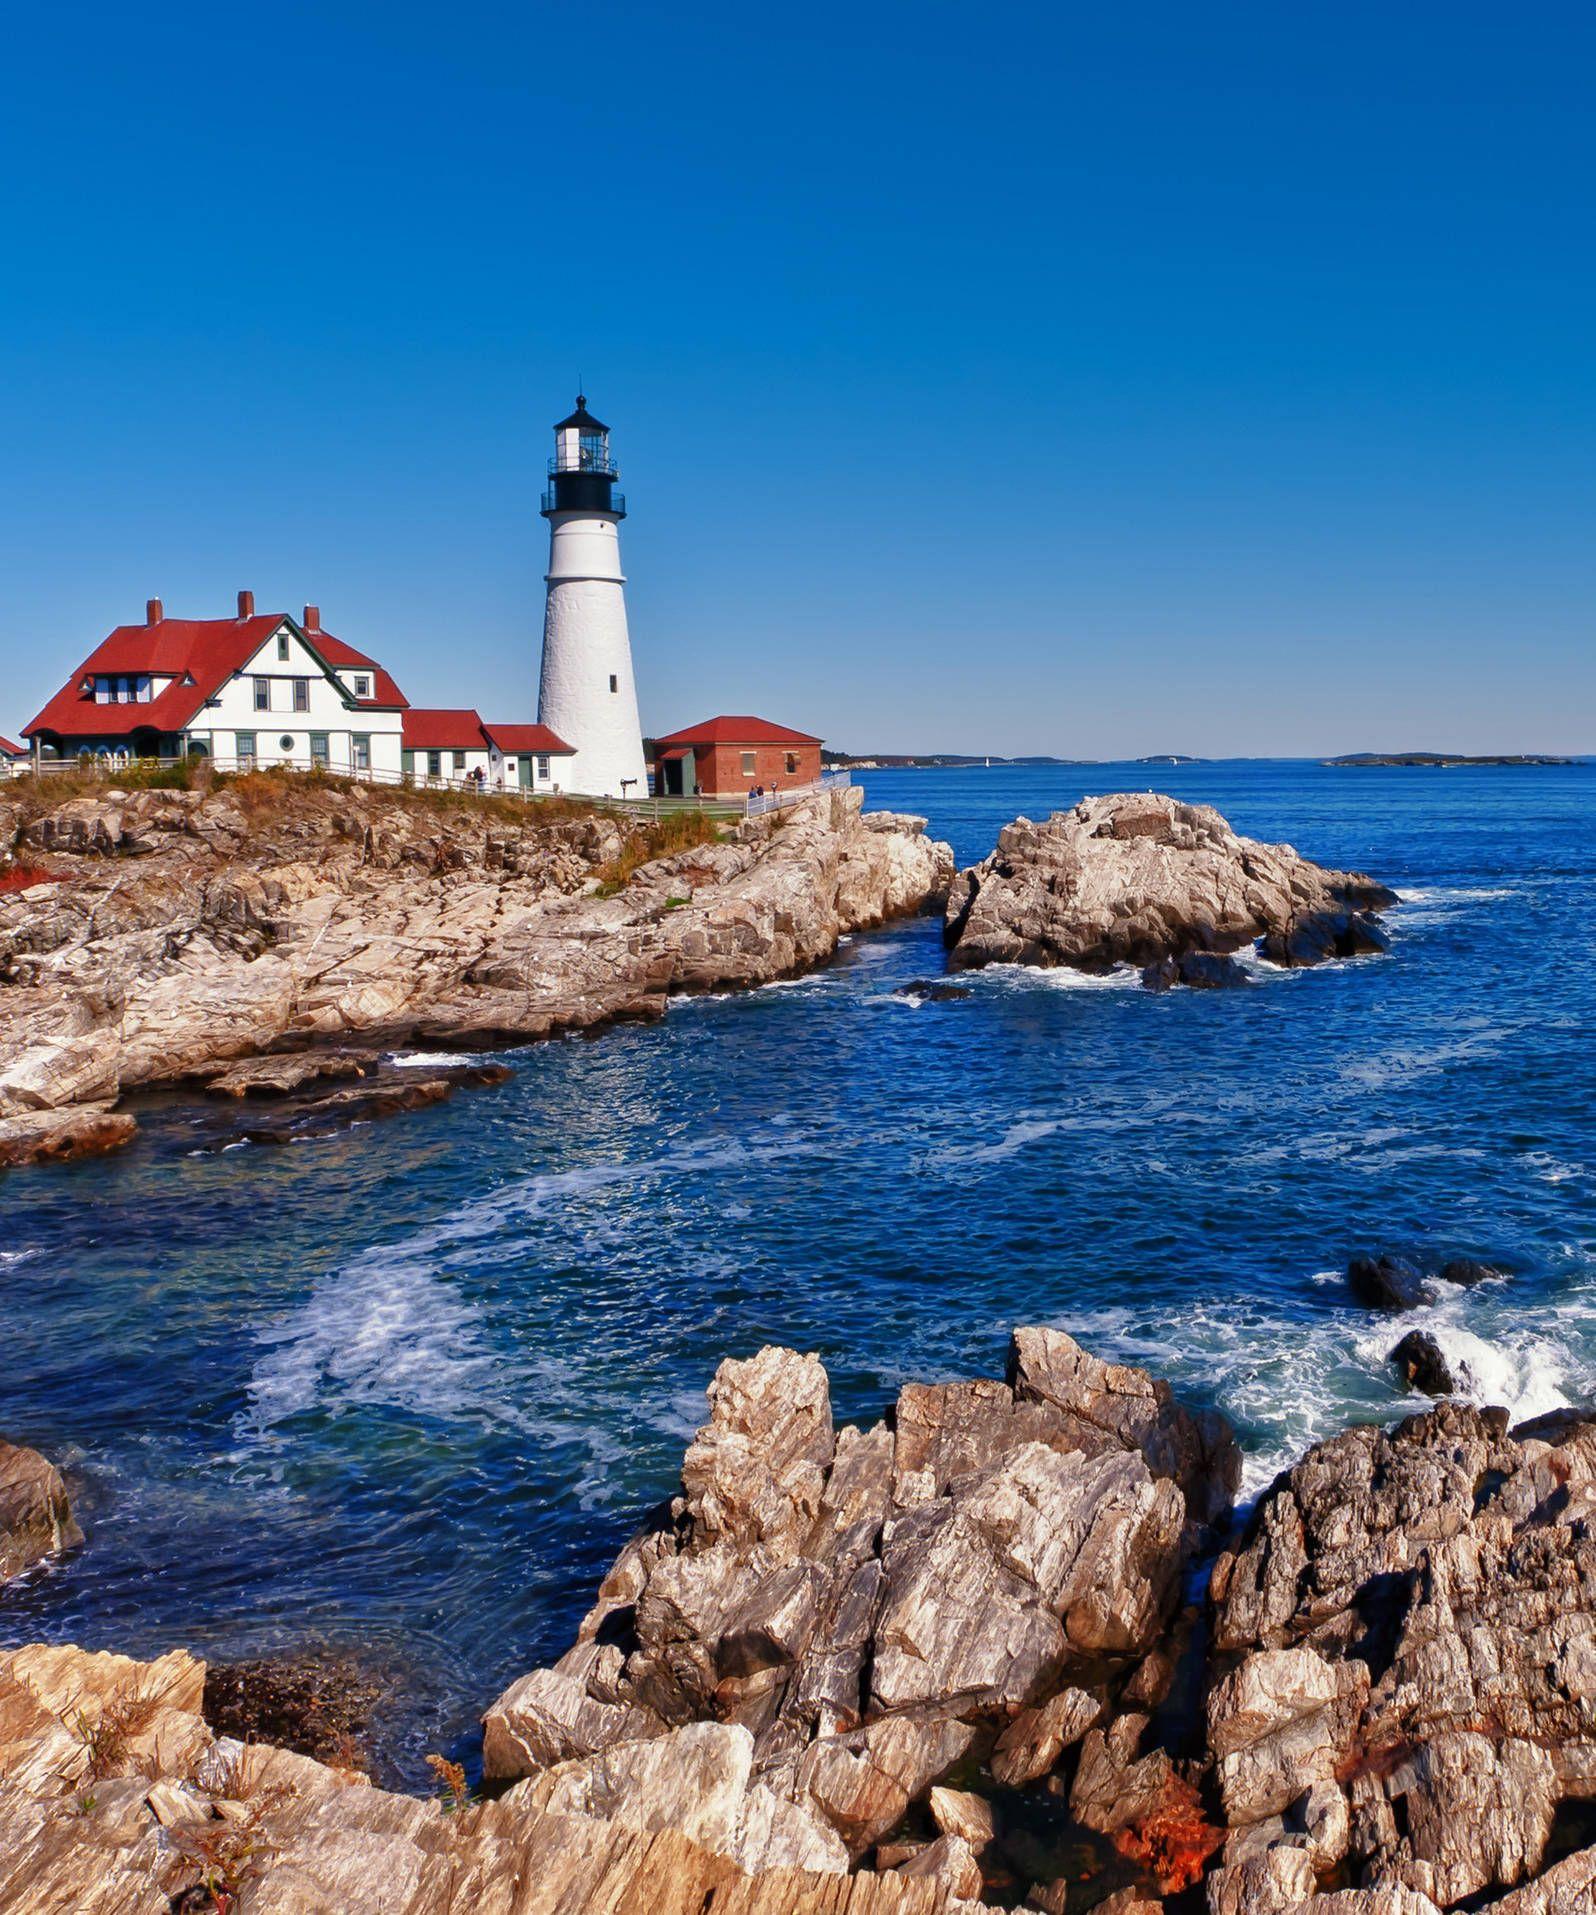 11 Best East Coast Getaways East Coast East Coast Travel East Coast Family Vacations Best East Coast Beaches Rocks stones horizon coast sand sea